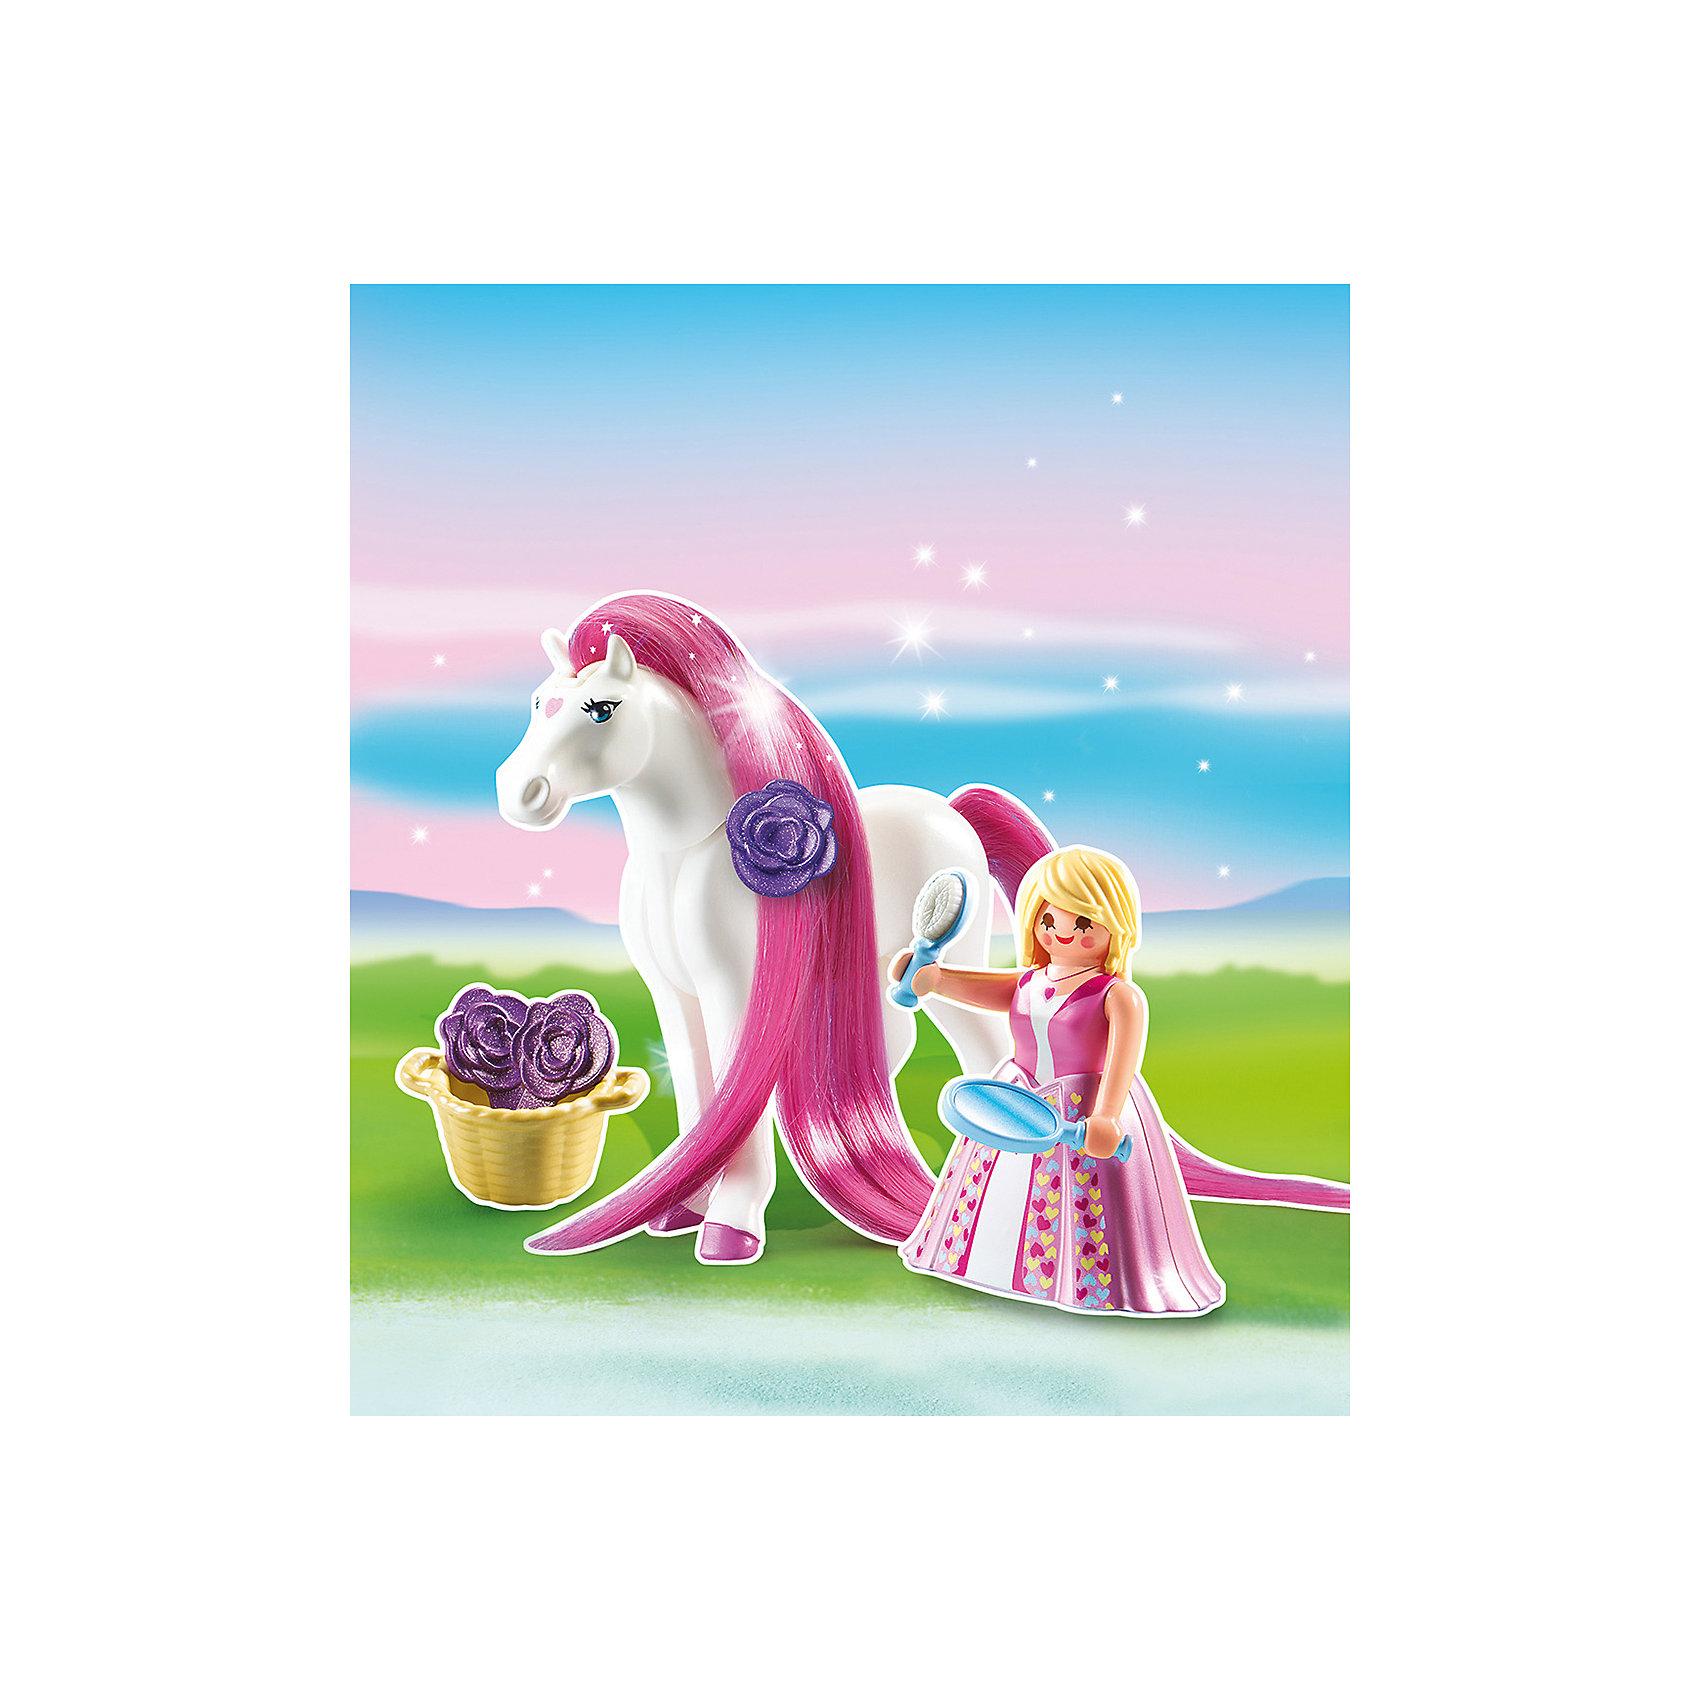 PLAYMOBIL® Принцессы: Принцесса Розали с Лошадкой, PLAYMOBIL playmobil мальчики с гоночным мотоциклом